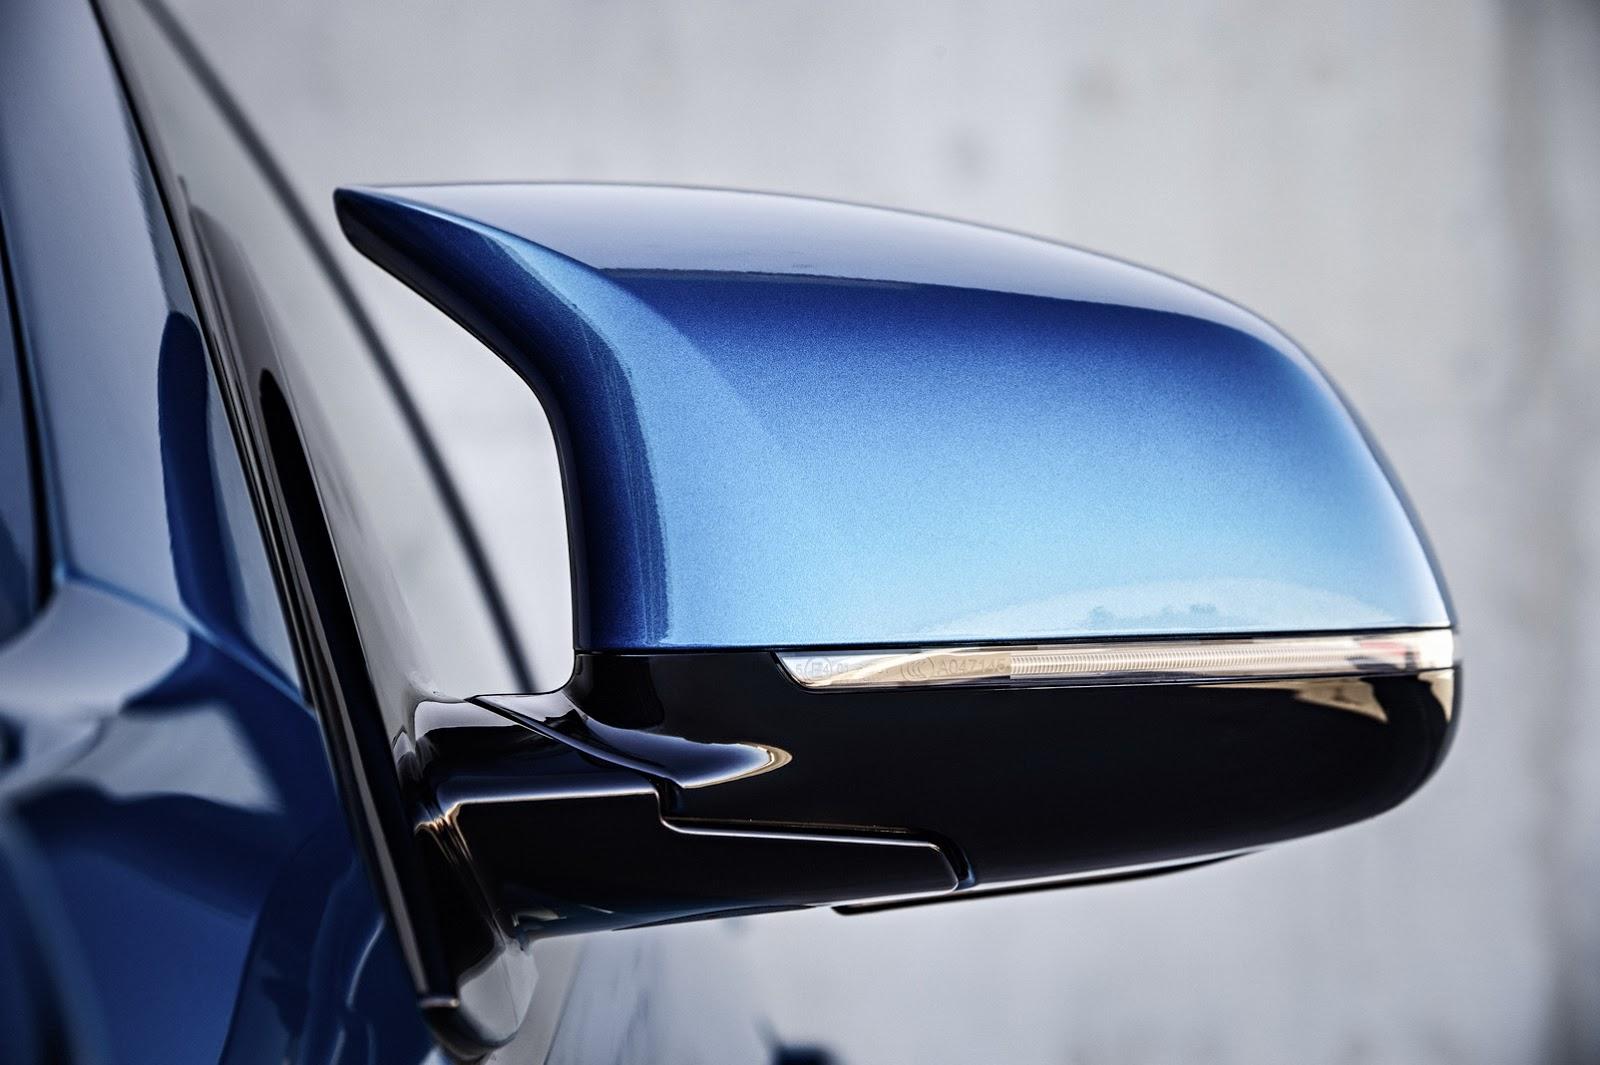 Kính chiếu hậu có thiết kế độc đáo và mâm xe thể thao X5M 2015